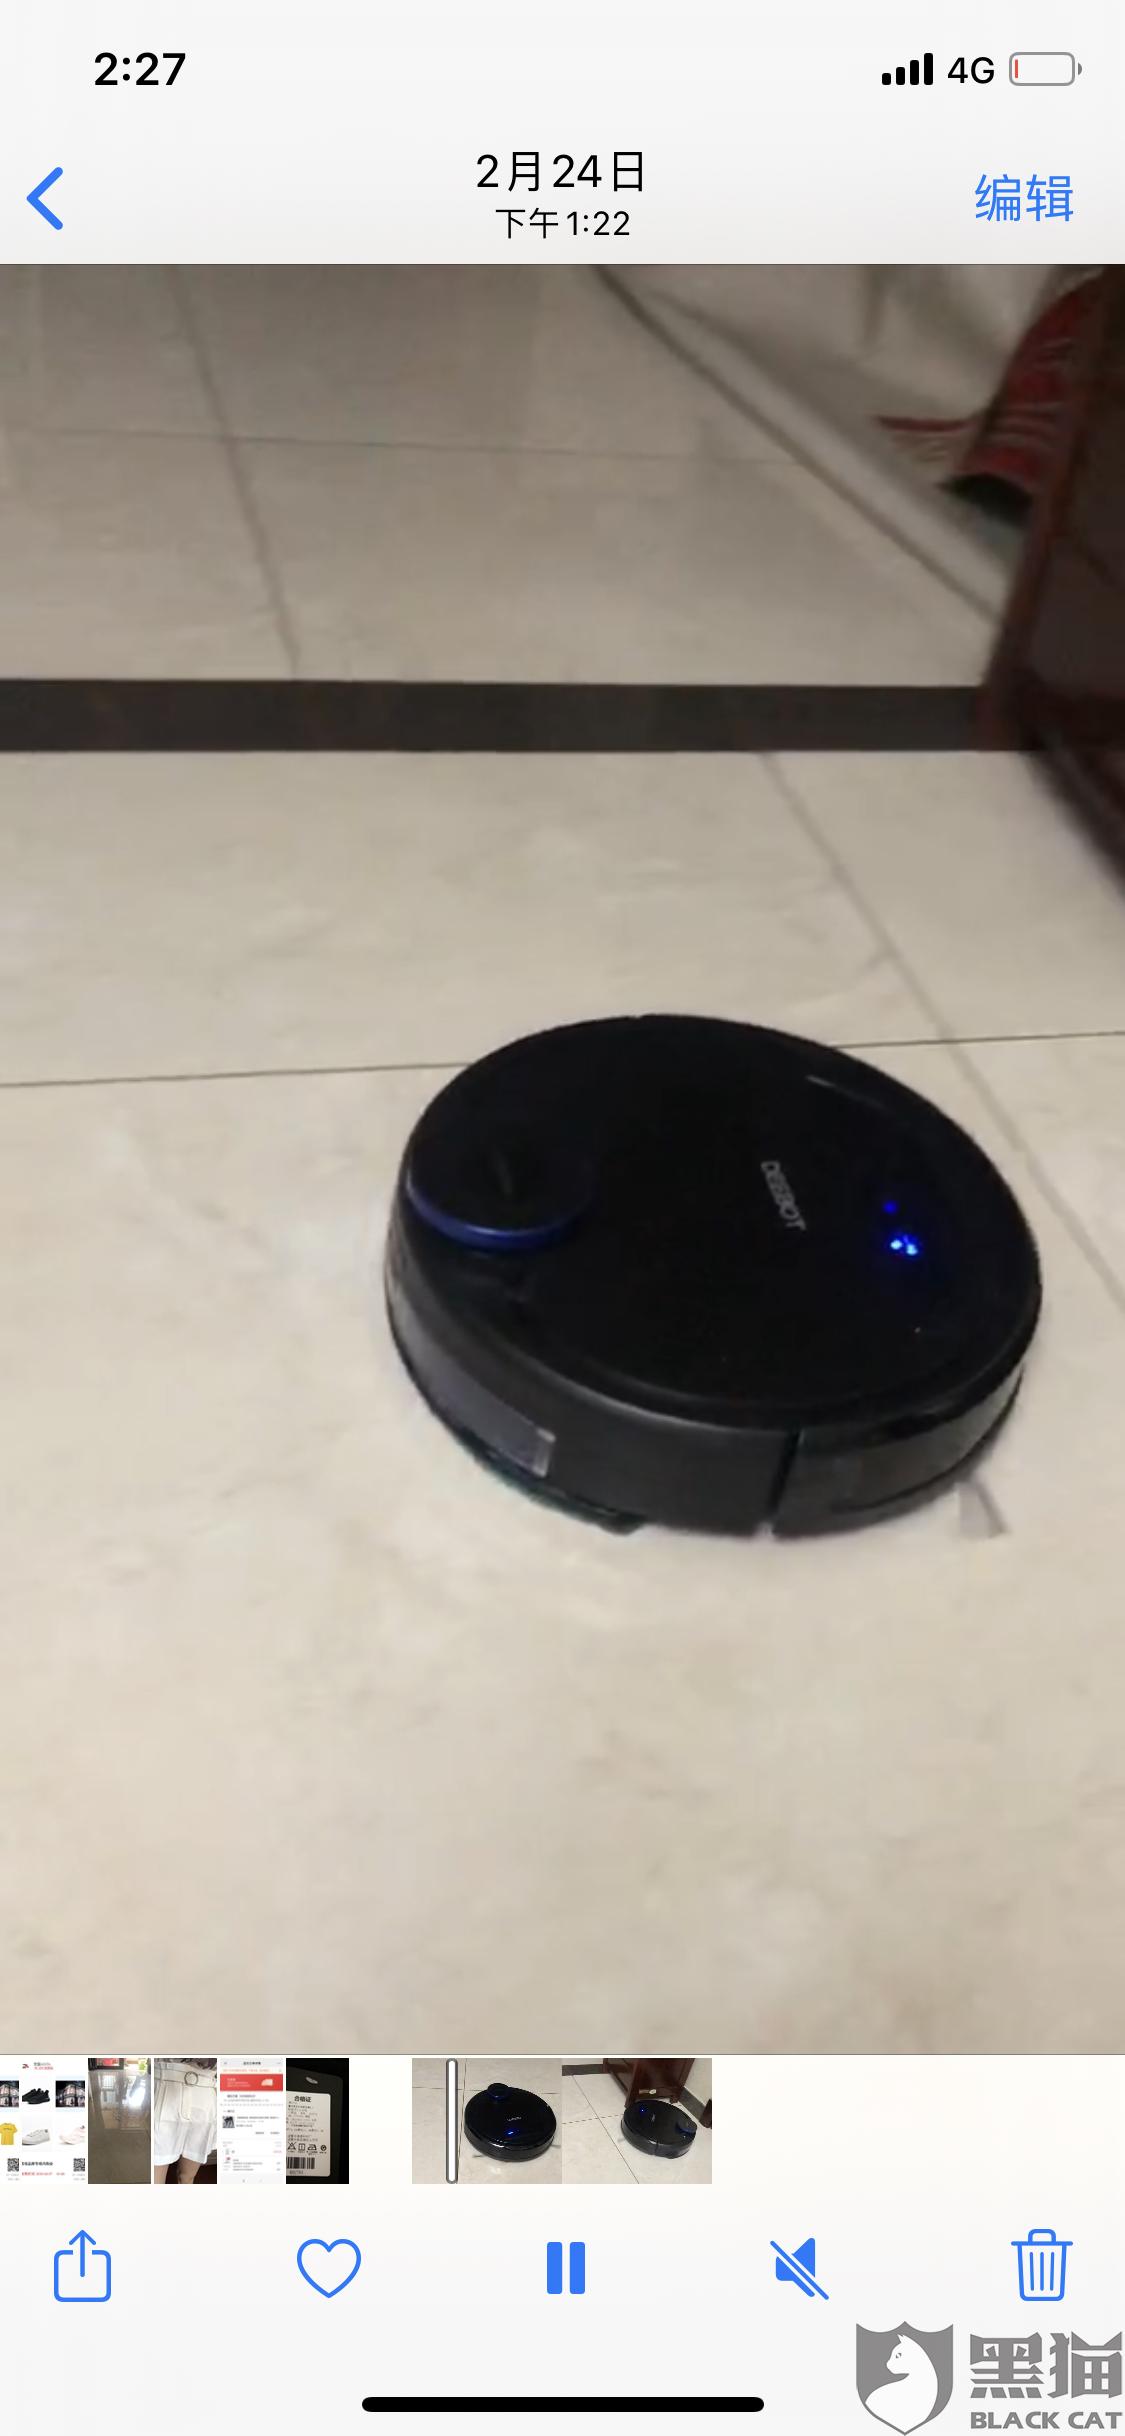 黑猫投诉:科沃斯扫地机器人DG36质量问题多次故障引发老人摔倒